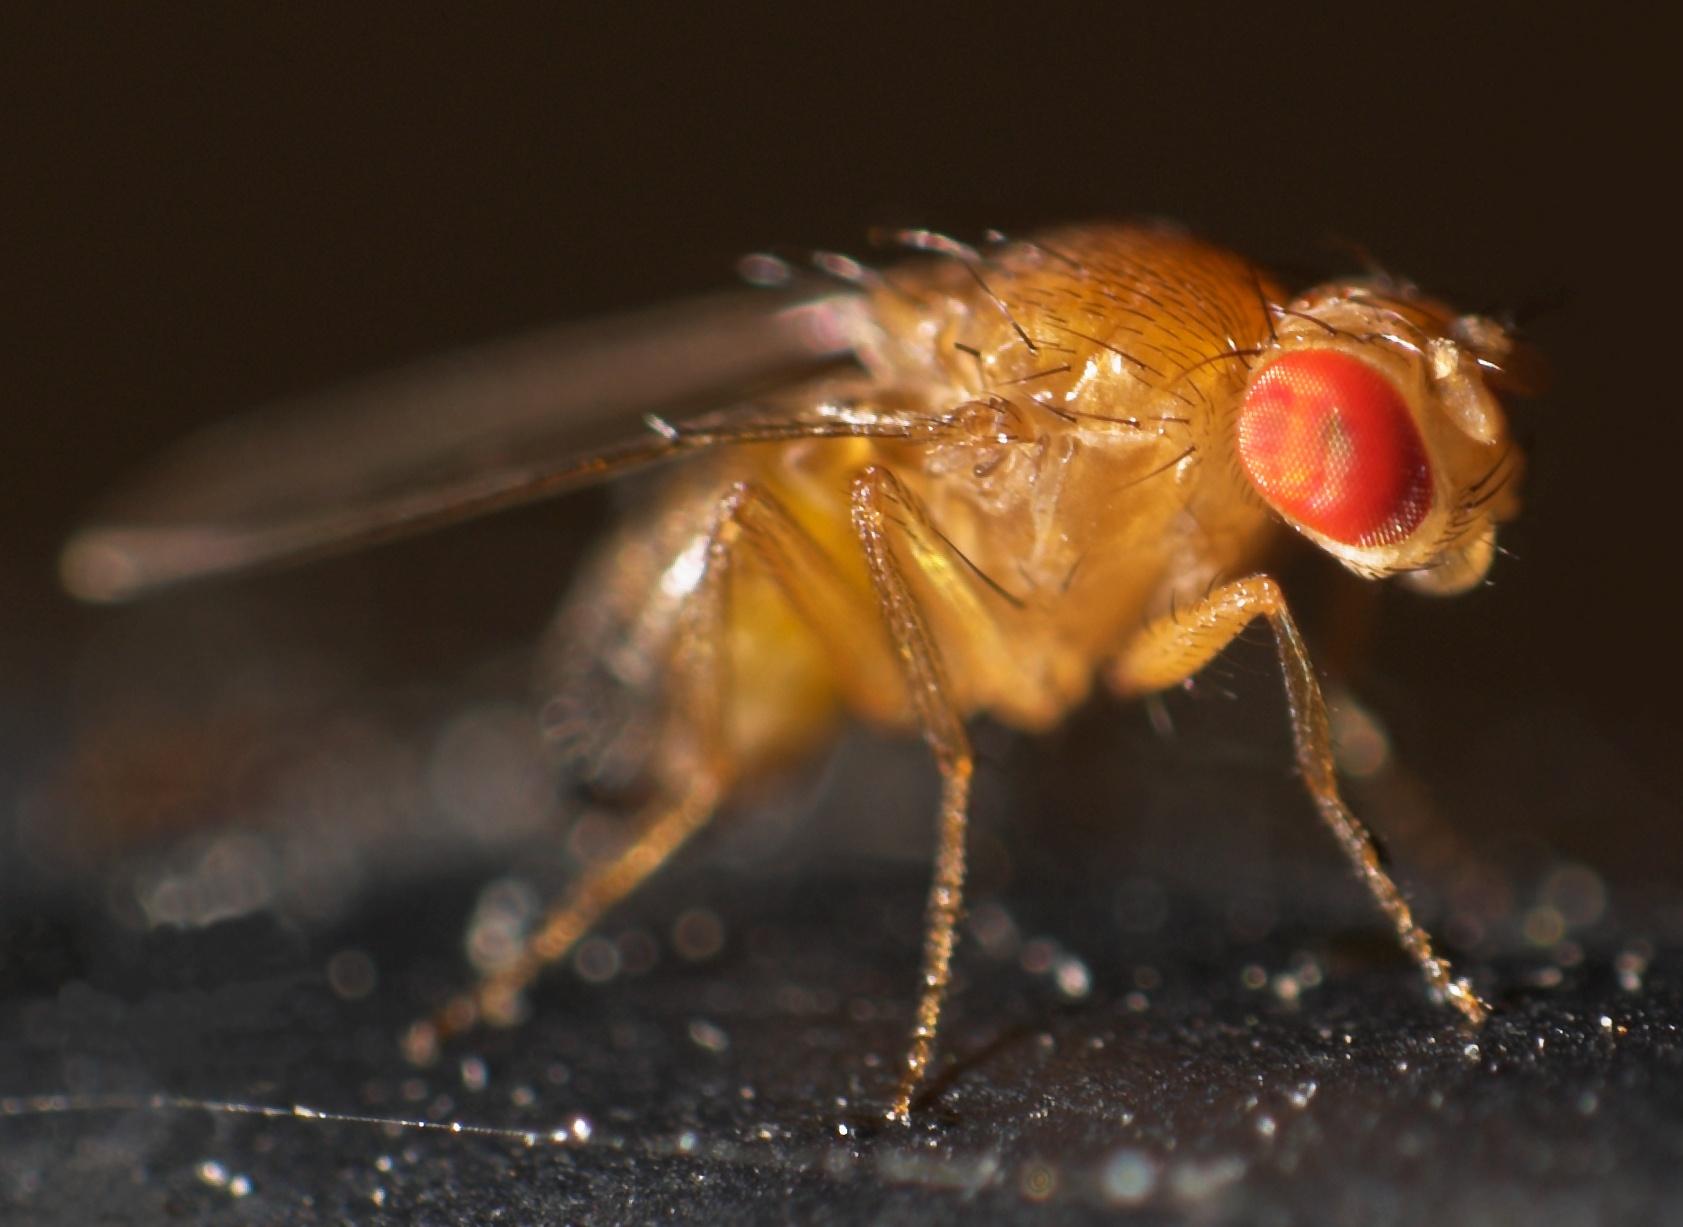 La inevitable ciencia de los bichos raros